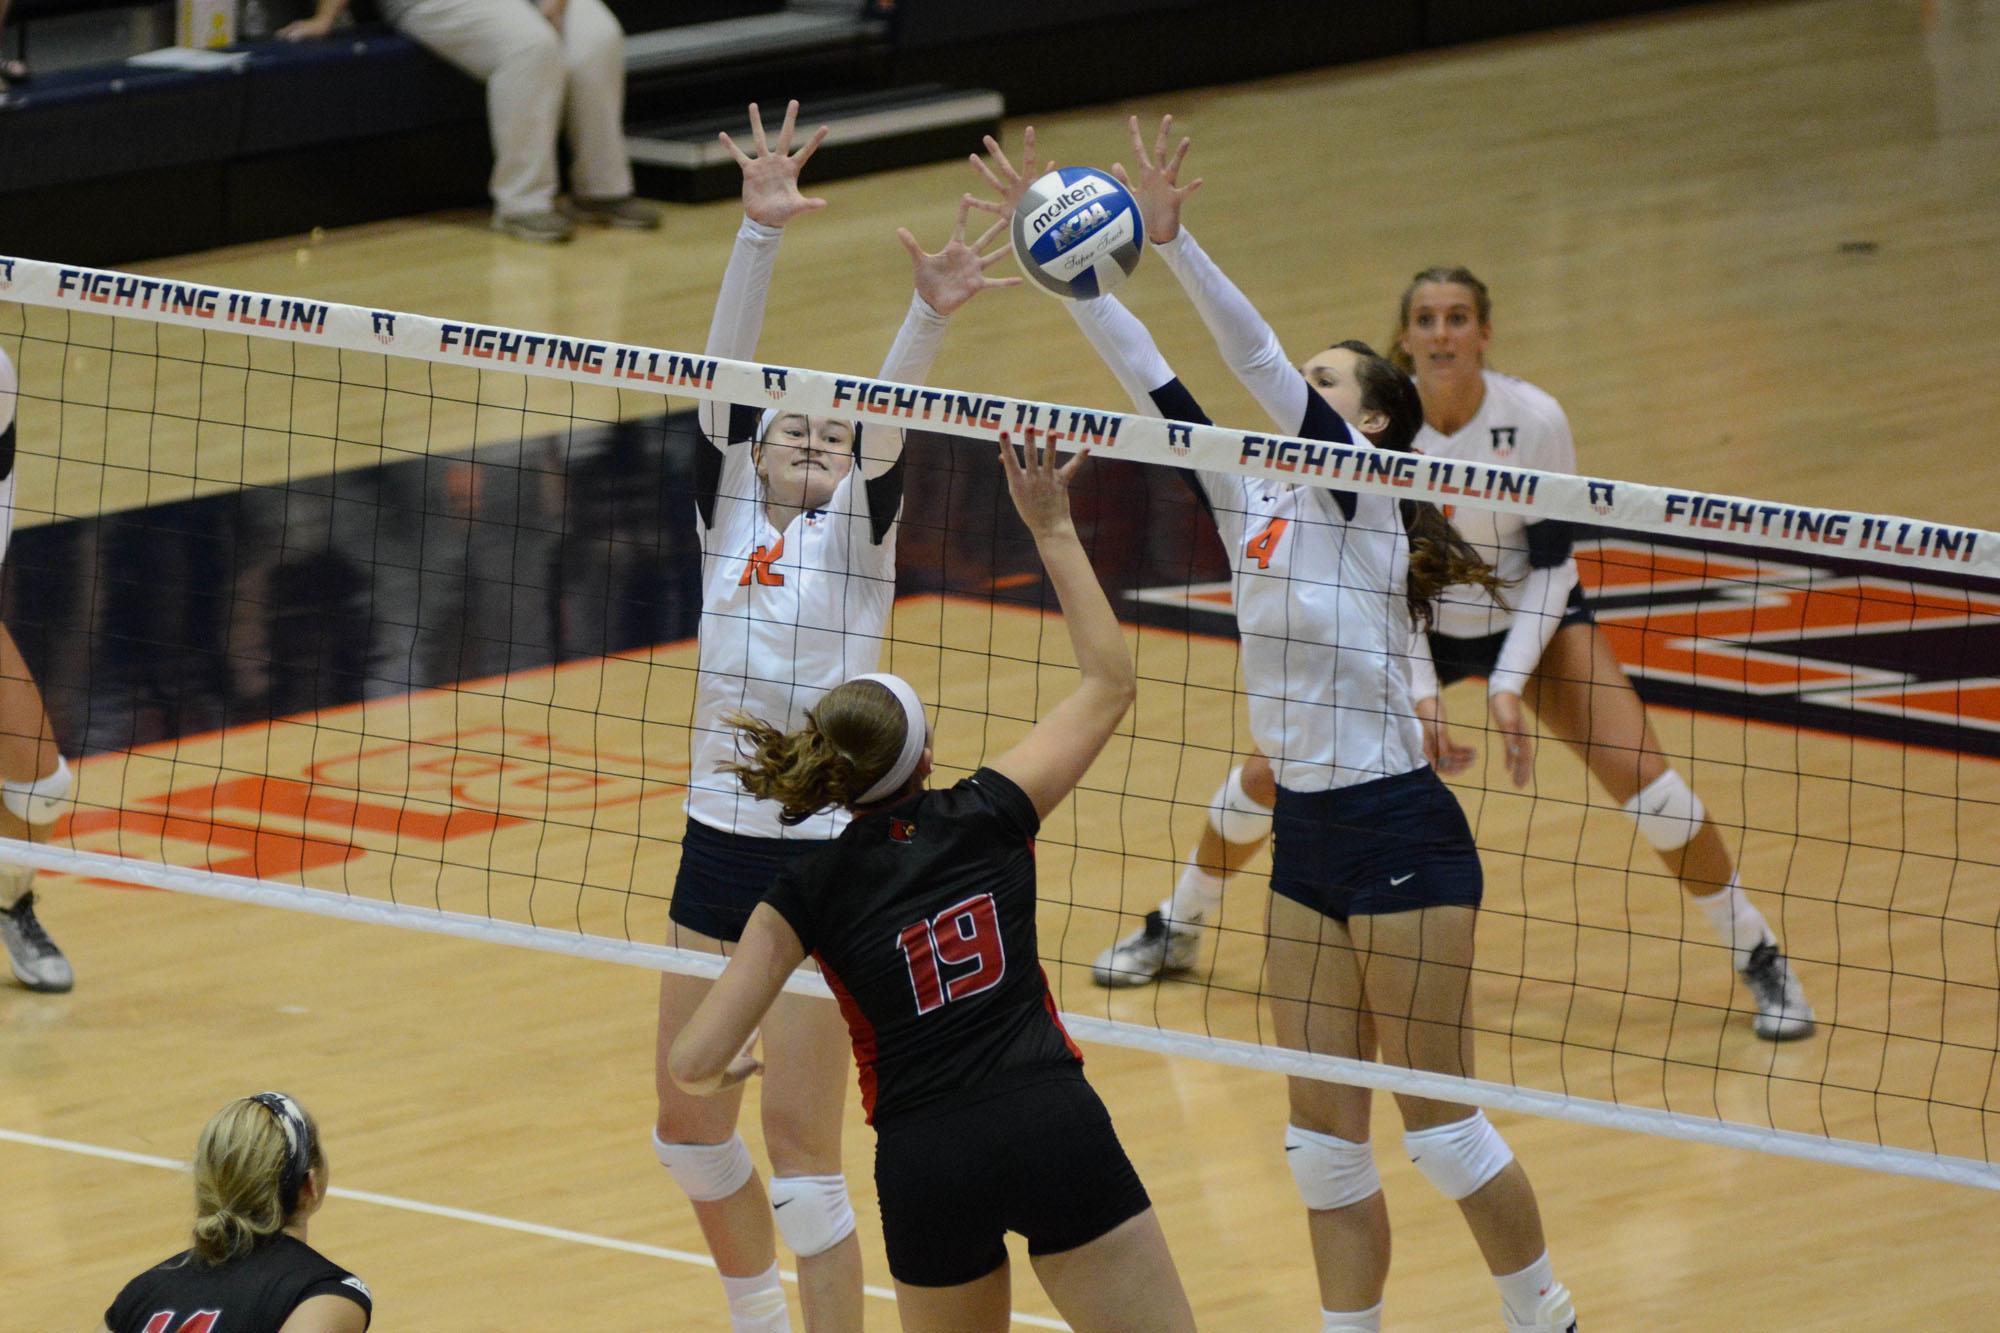 Illinois' Katie Stadick (12) and Jocelynn Birks (7) attempt to block Louisville's hit during the game vs Louisville  at Huff Hall on Friday, Aug. 28, 2015.  Illinois won 3-0.